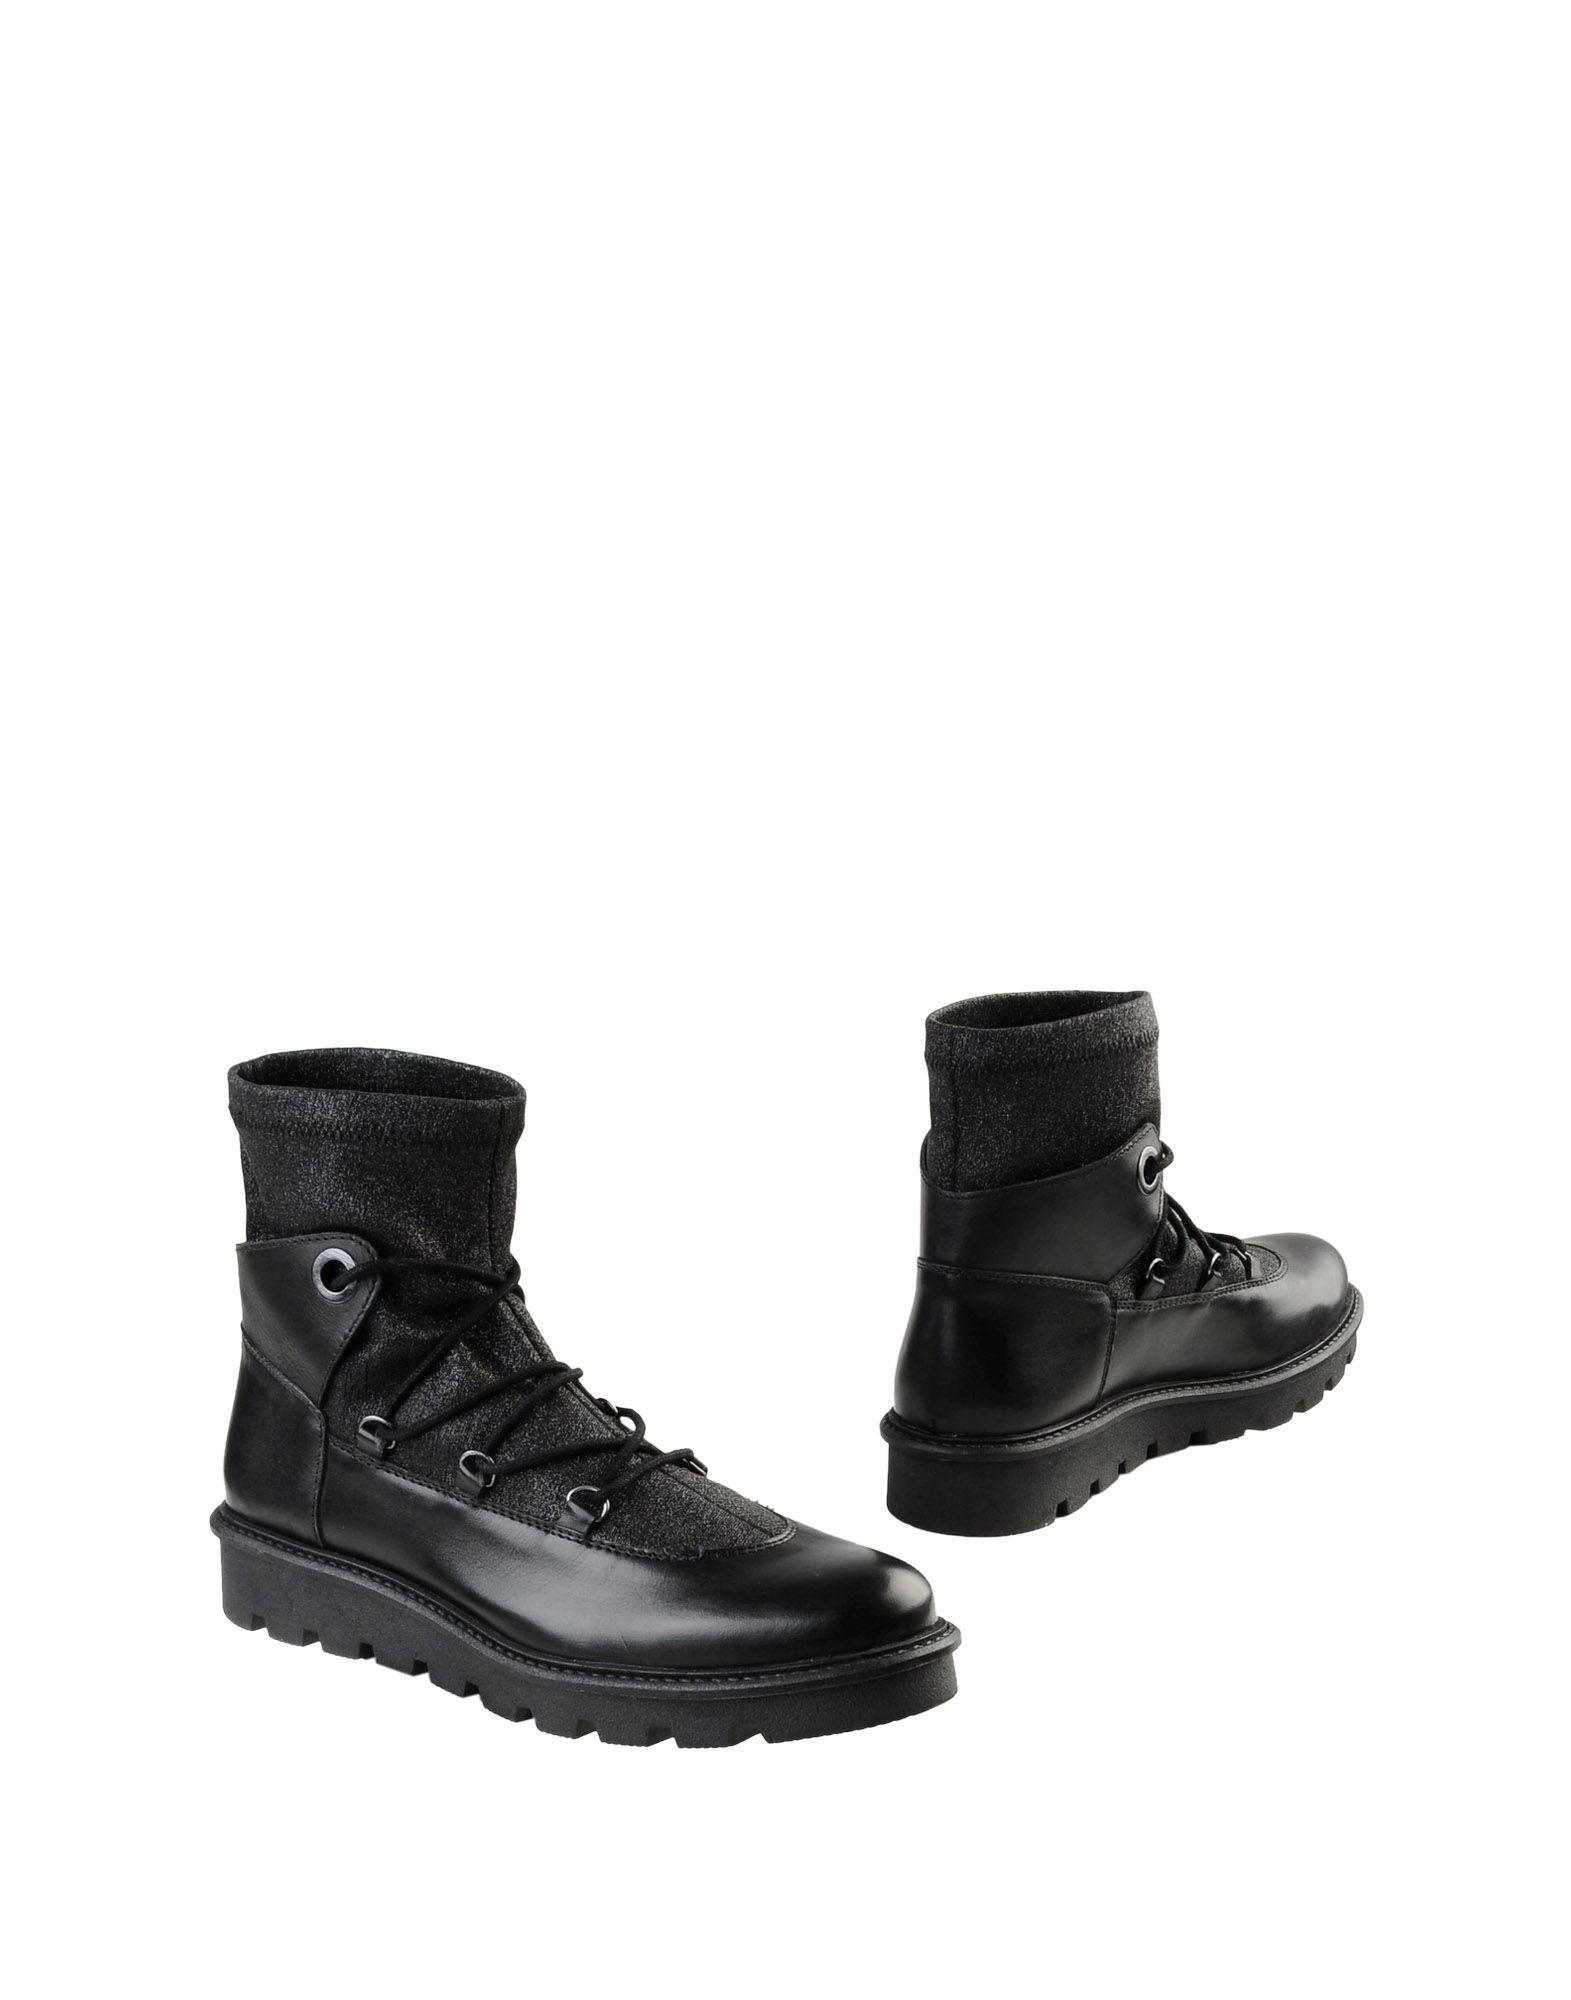 George J. Love Stiefelette Damen  11540516UN Gute Qualität beliebte Schuhe